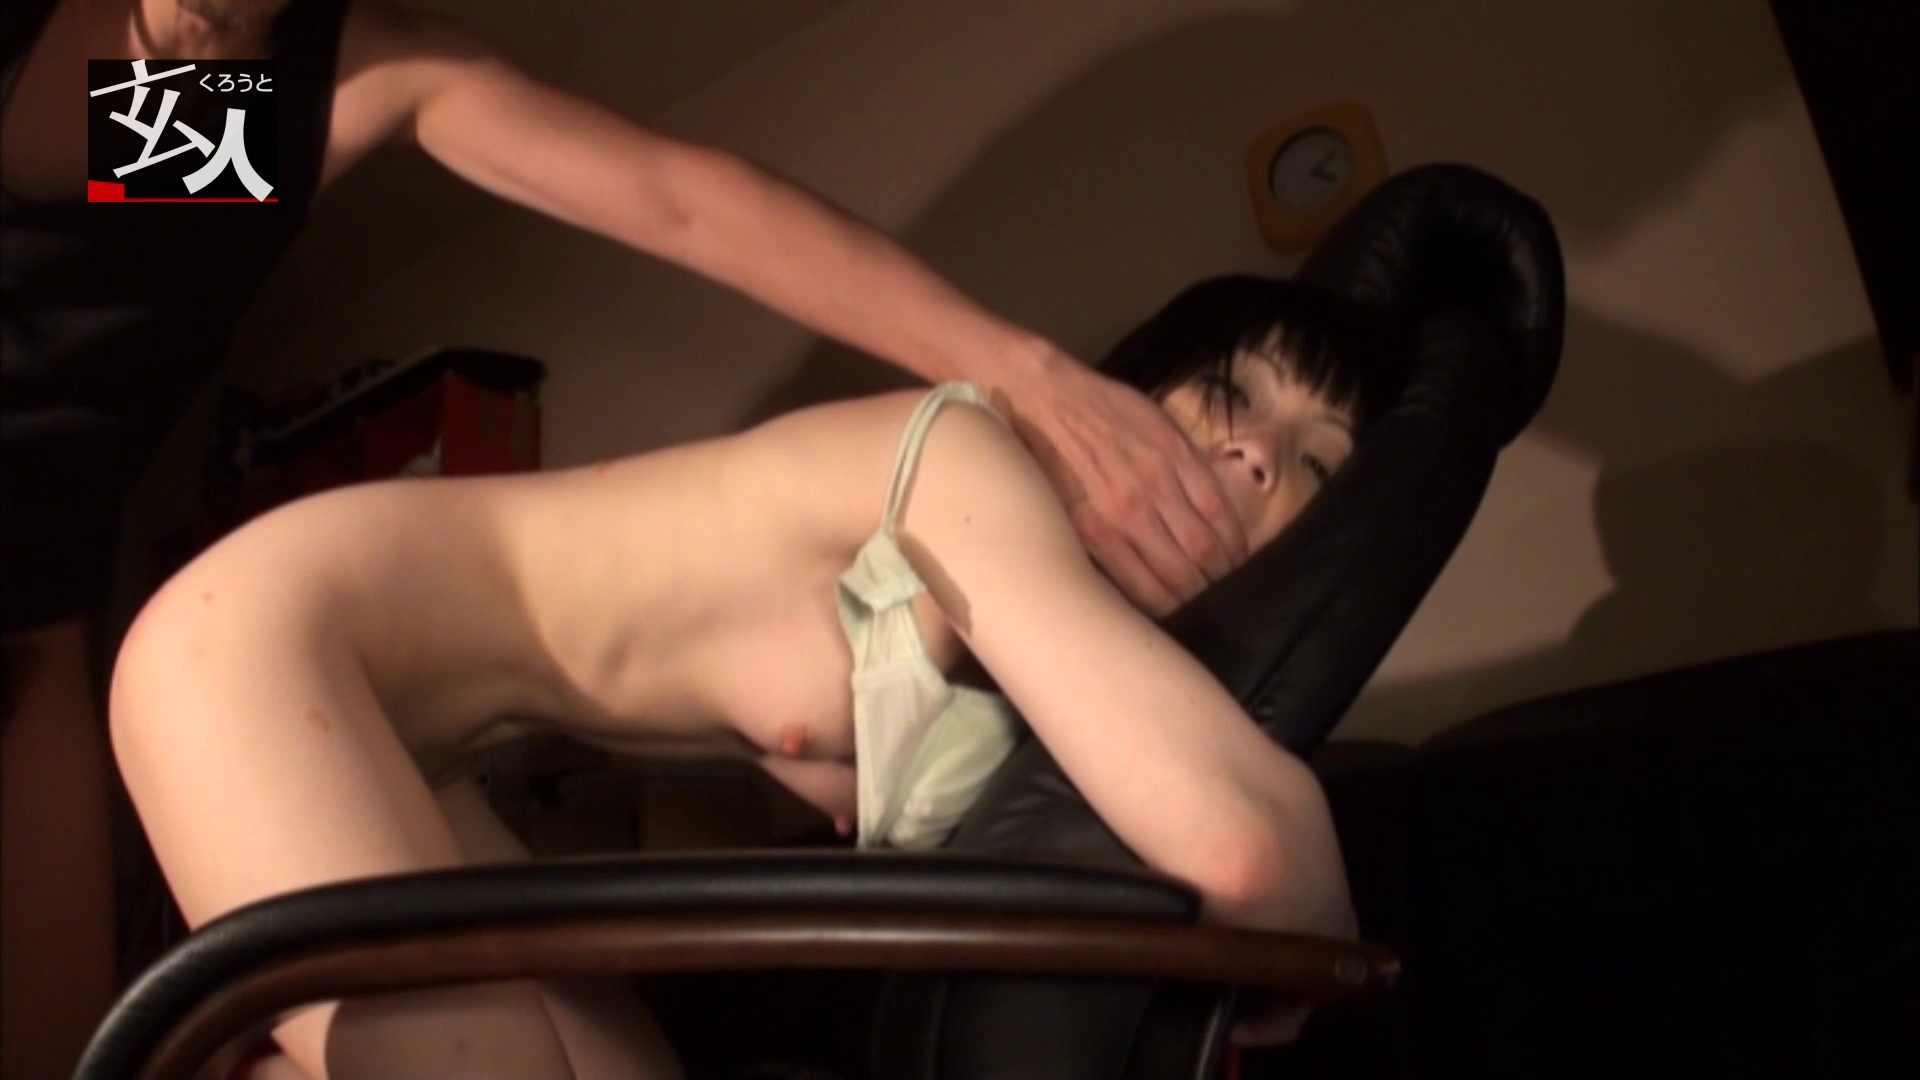 「邪淫無限ループ」変質者拉致~失われた希望~ つるのゆう セックス  54PIX 9